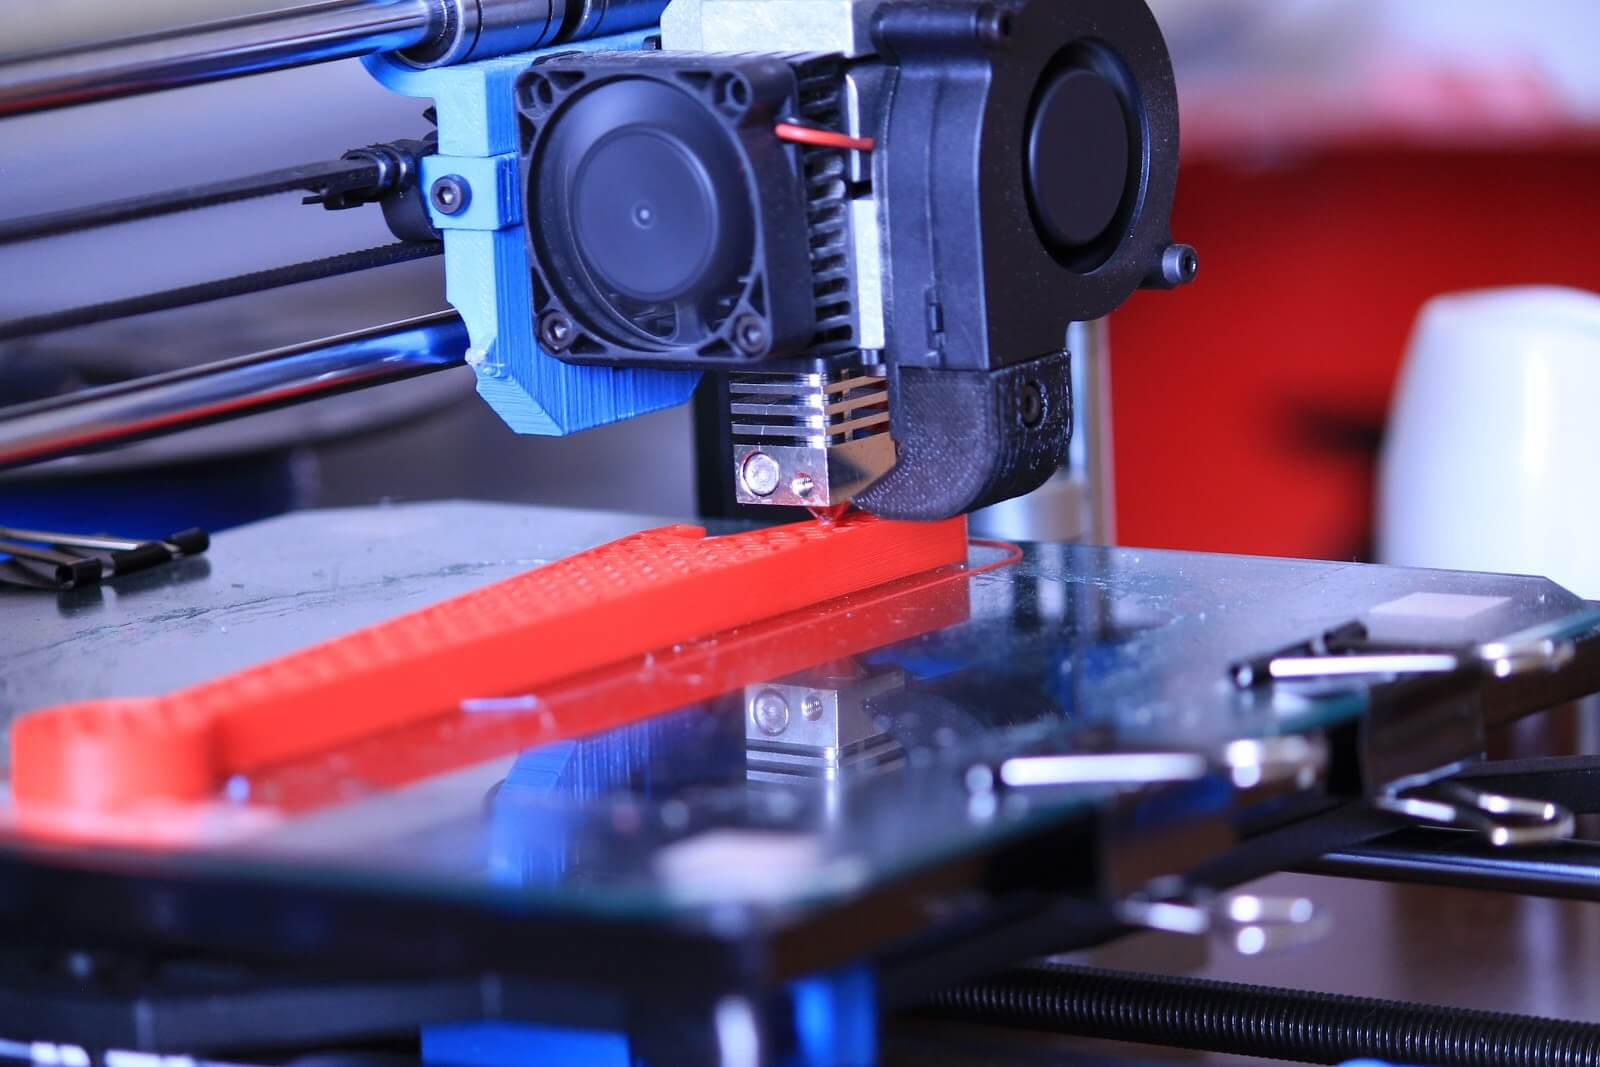 Вчені розробили новий метод 3D-друку, який у 100 разів швидший за звичайний